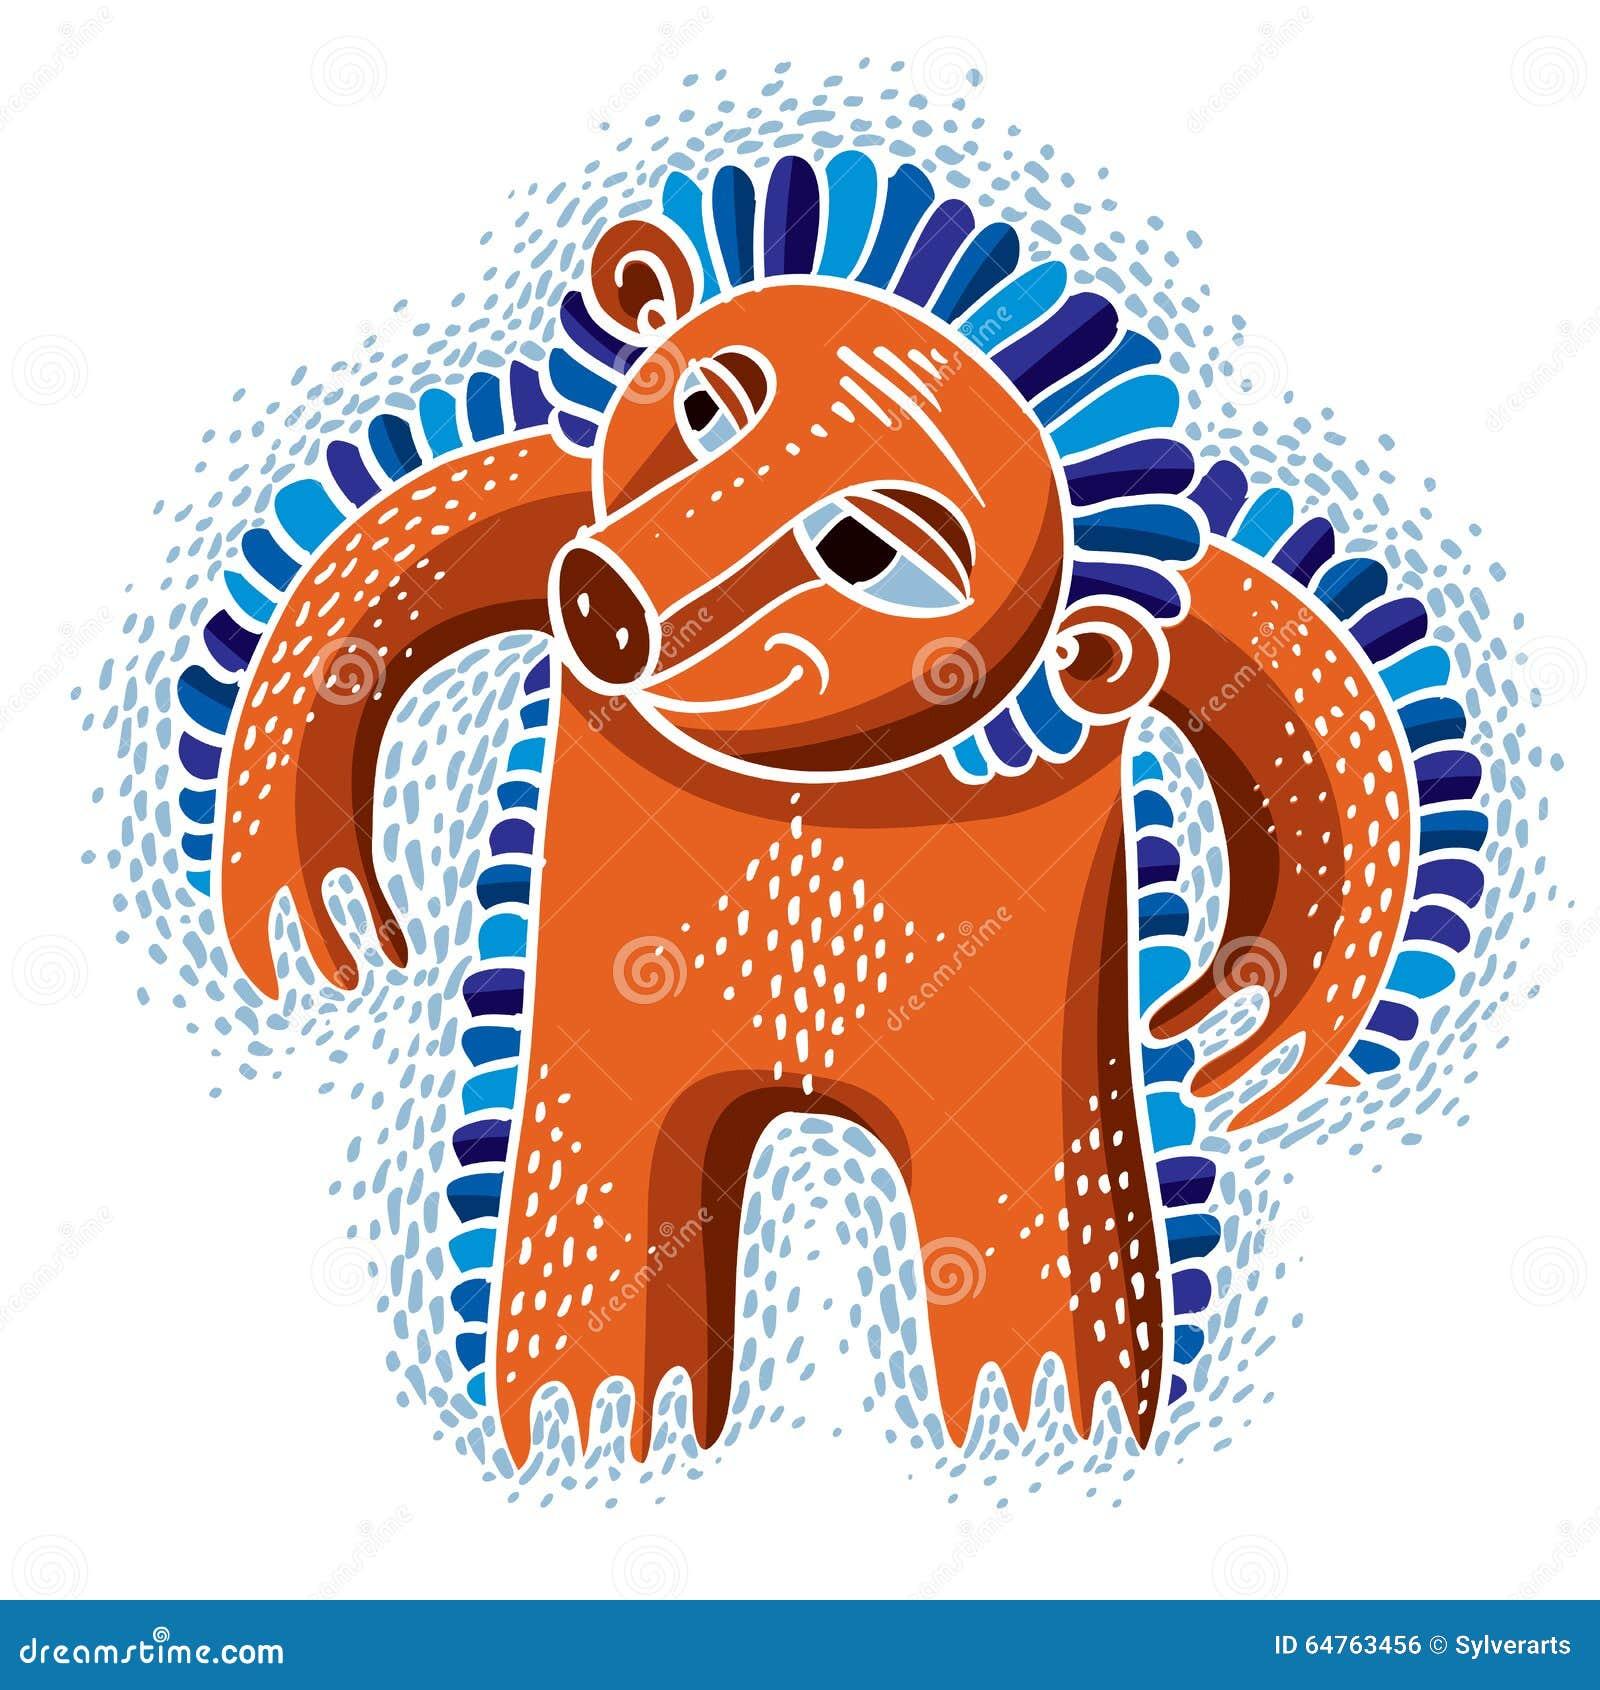 De vector vlakke illustratie van het karaktermonster, leuke oranje mutant